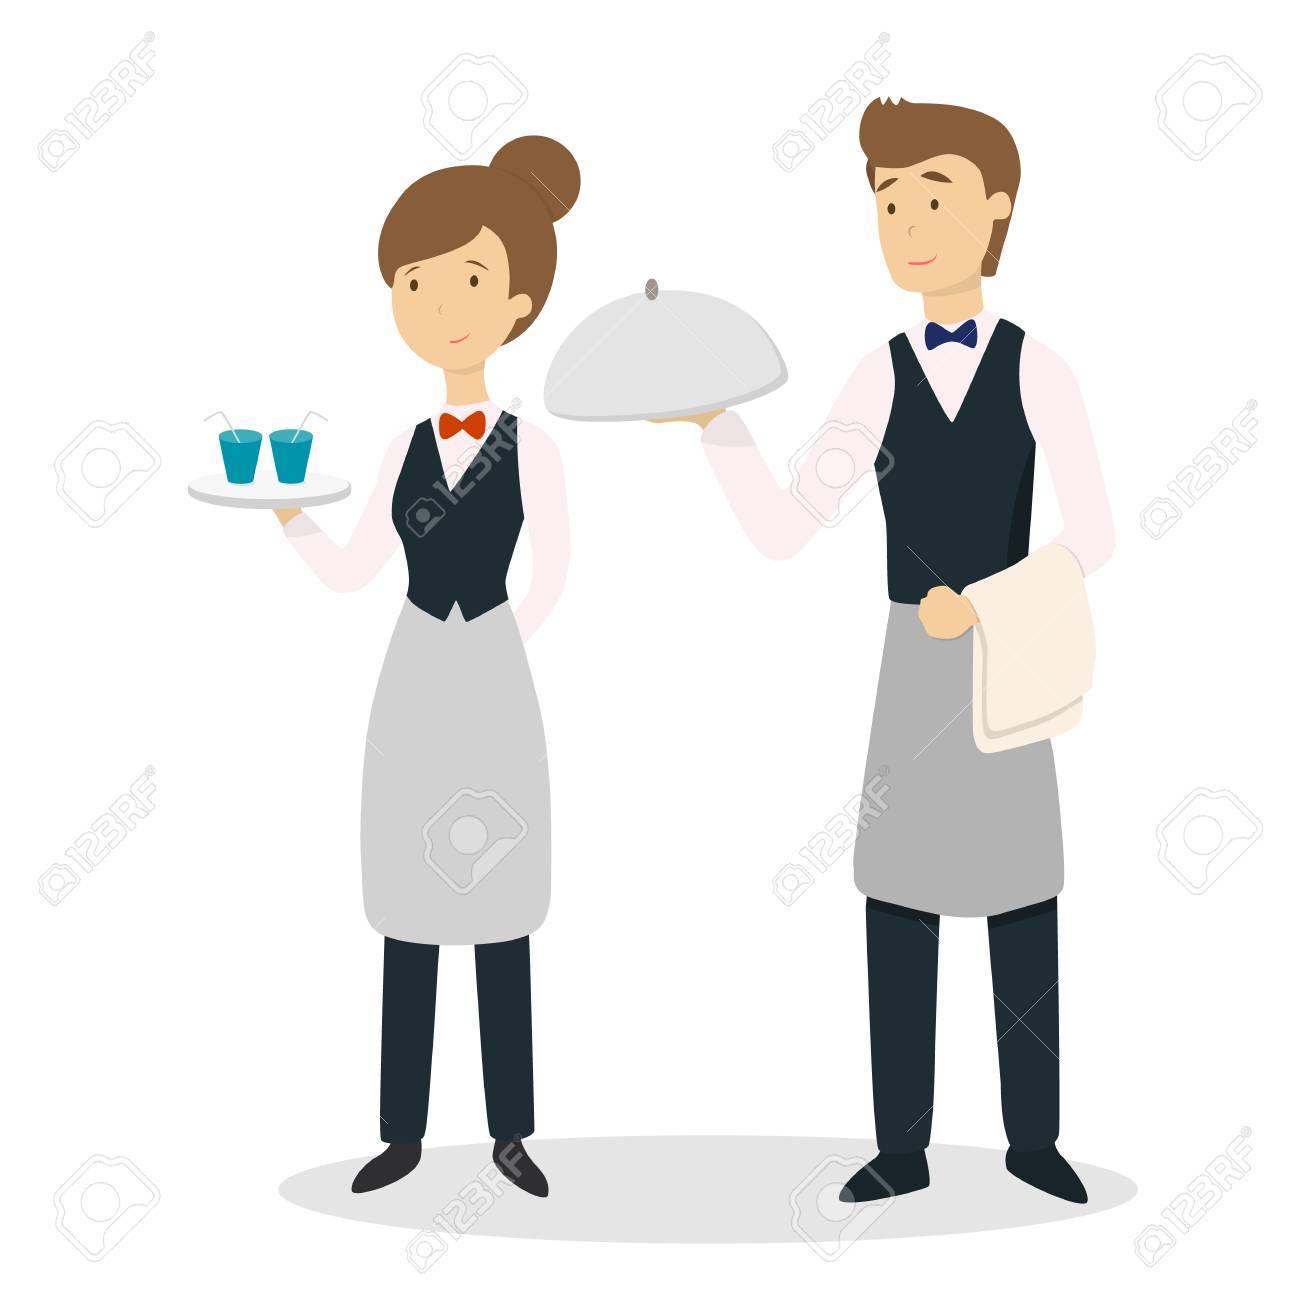 Isolated waiter couple. - 88753583